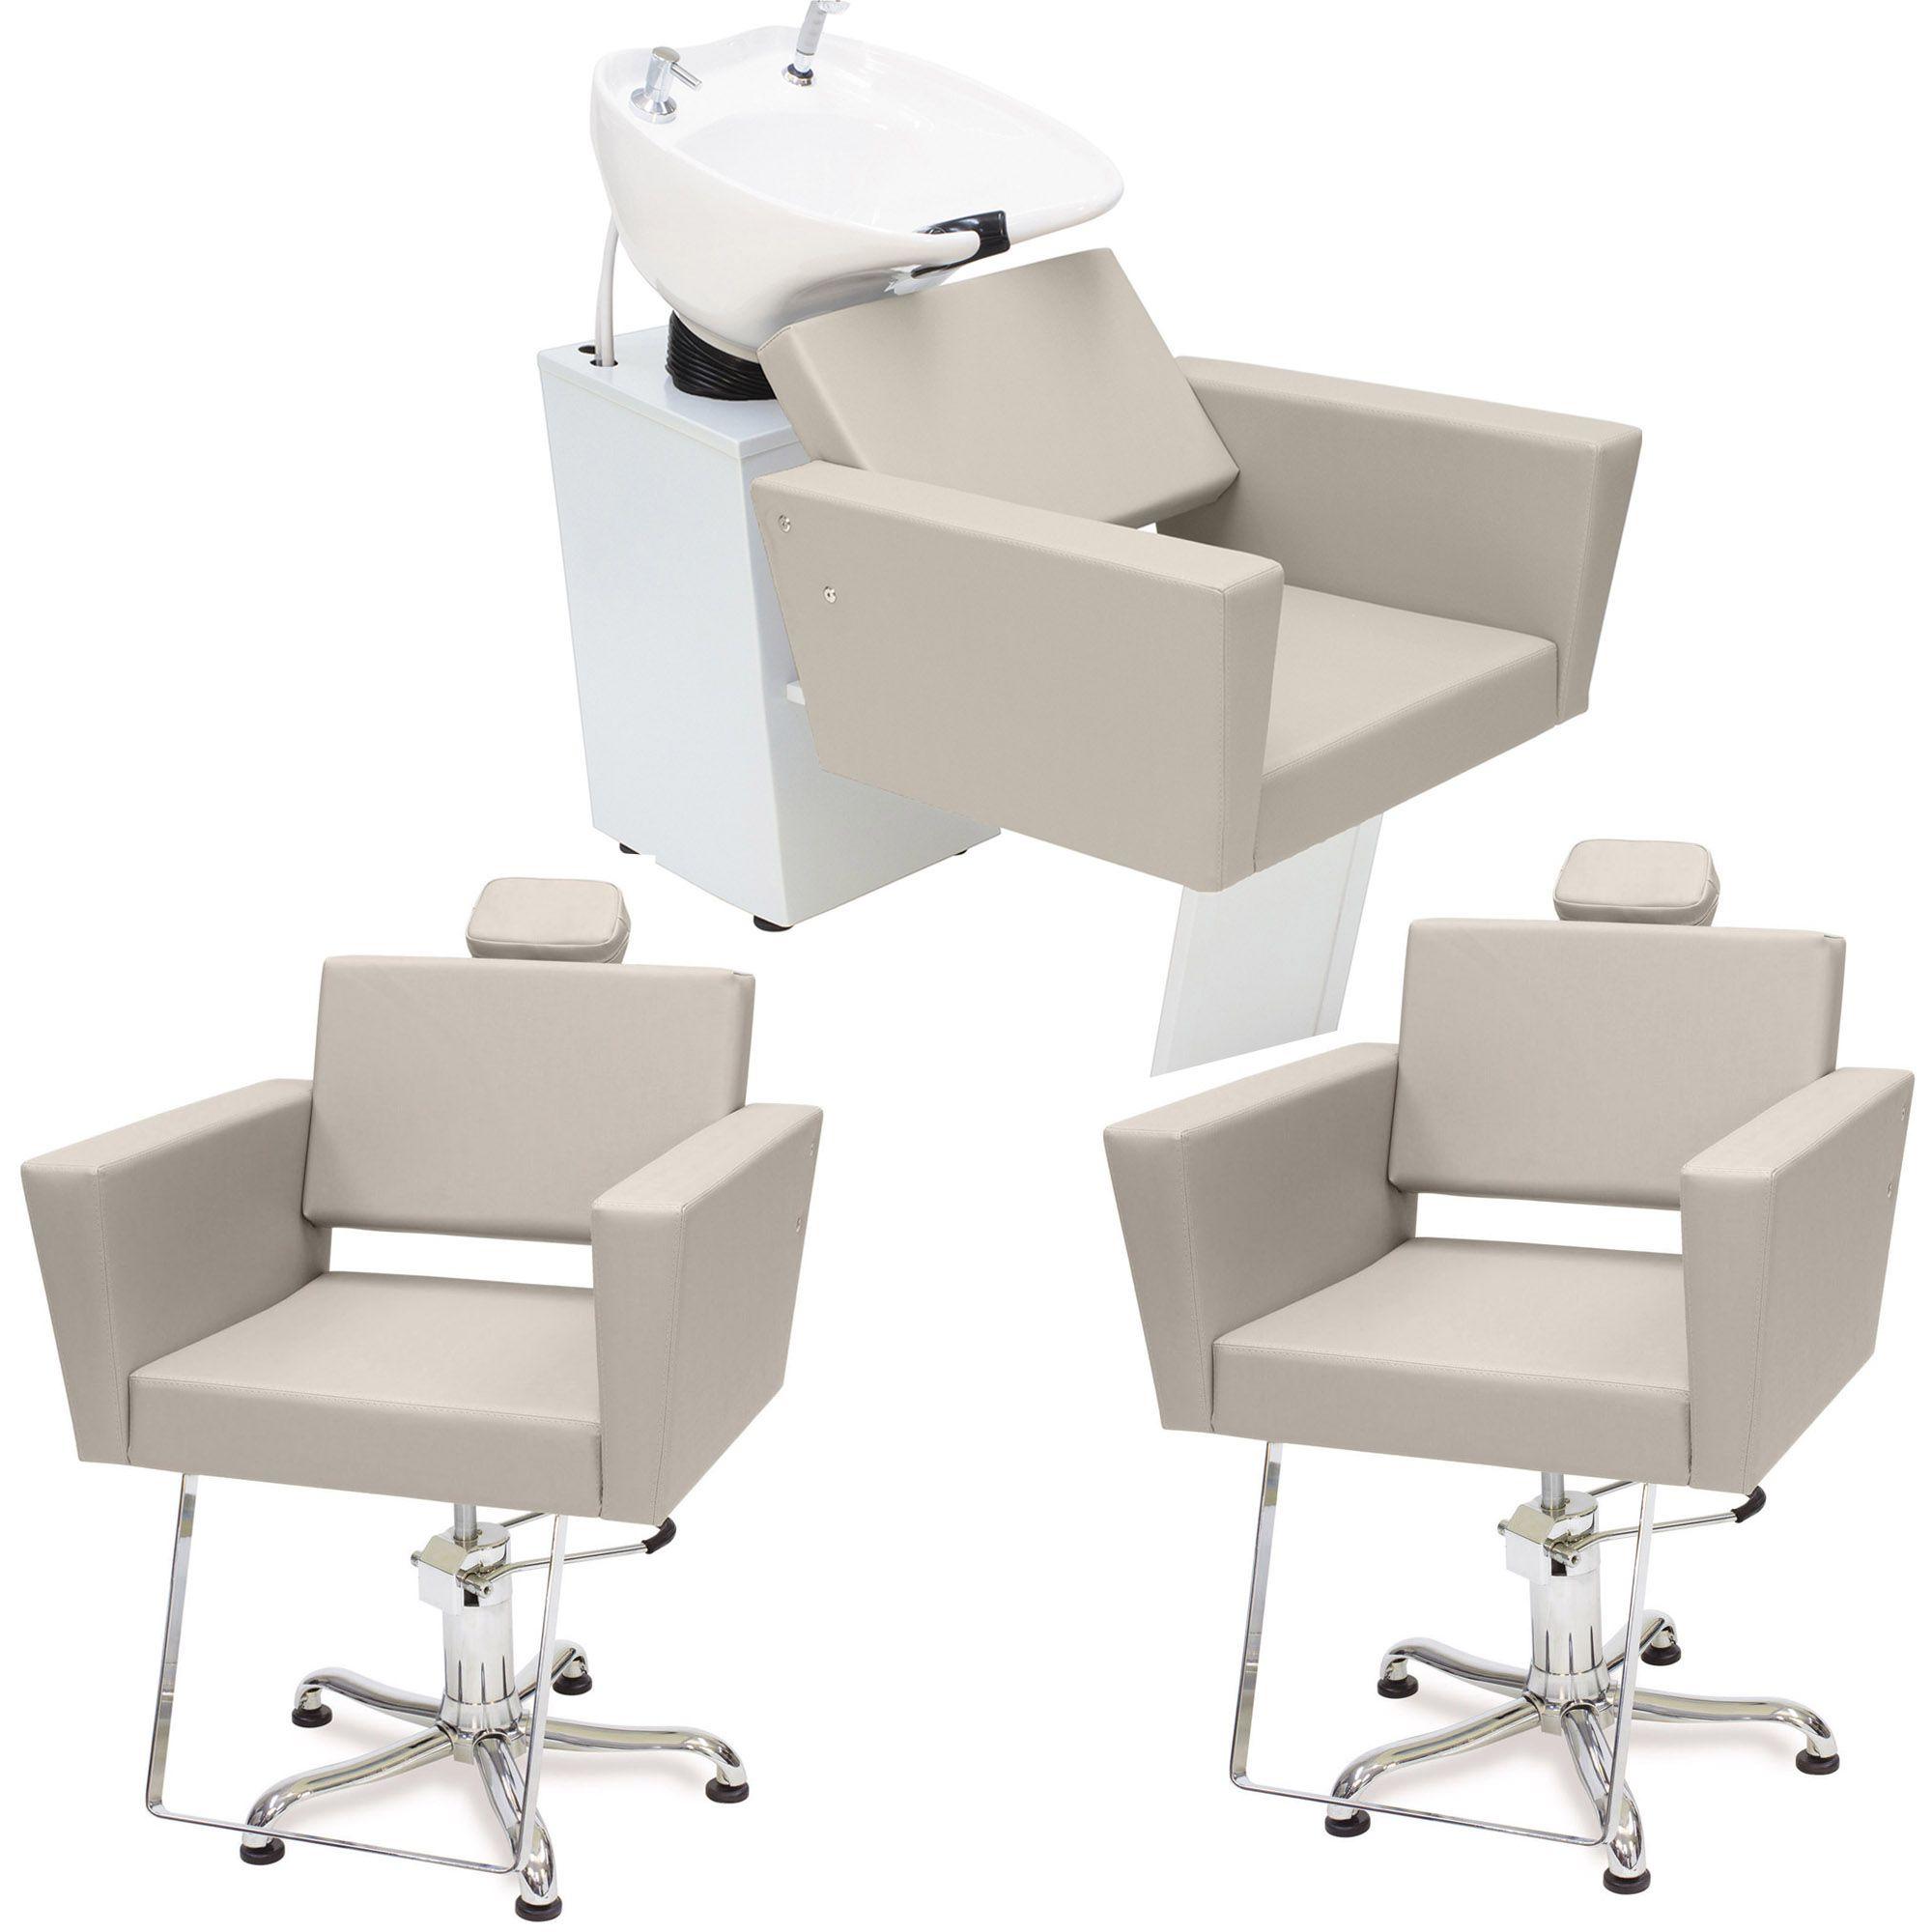 Kit cadeira fixa niagara + cadeira fixa niagara + lavatório niagara